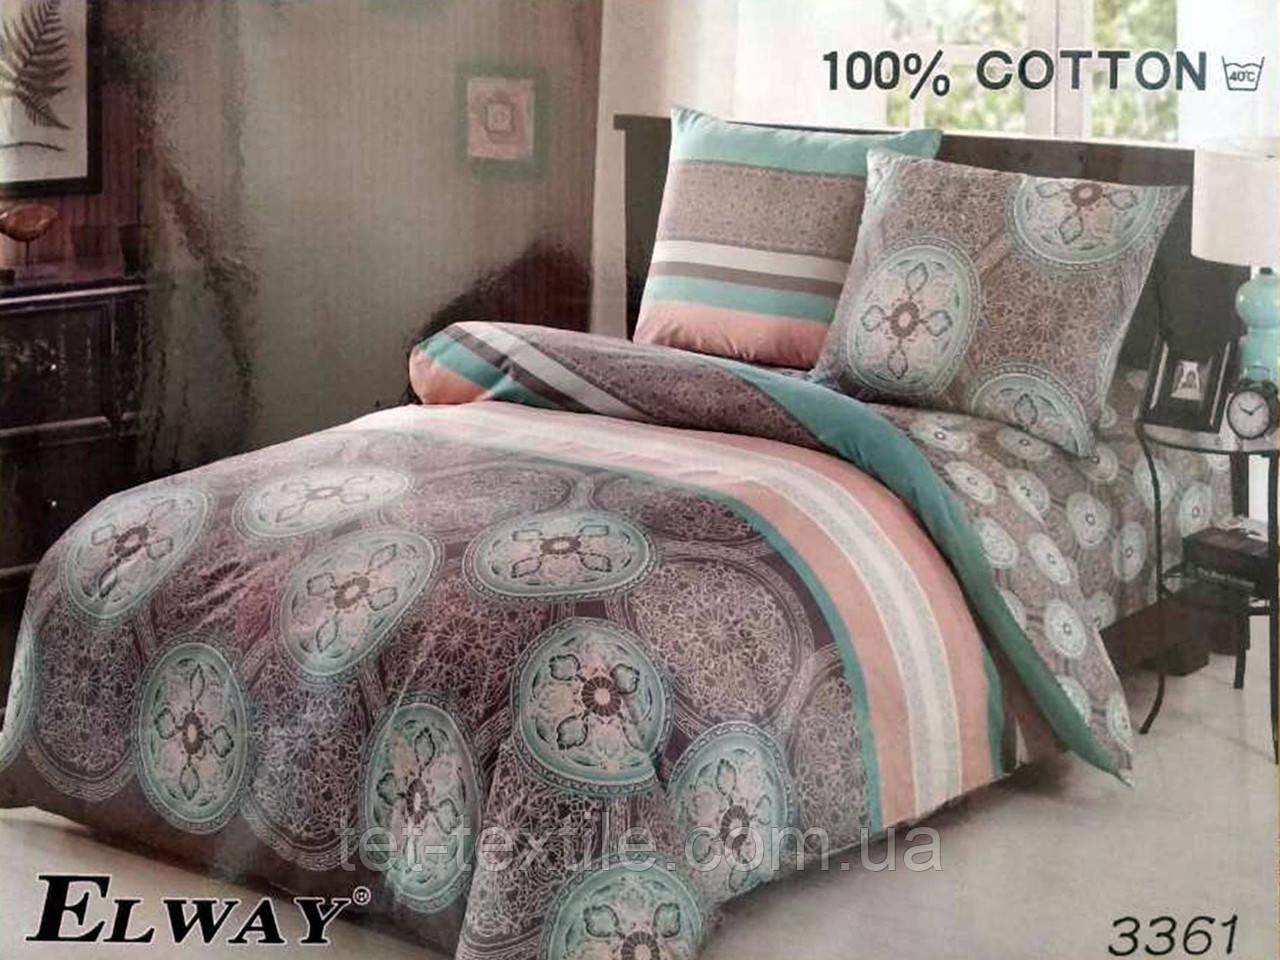 """Комплект постельного белья Elway """"Евро"""" 3361"""